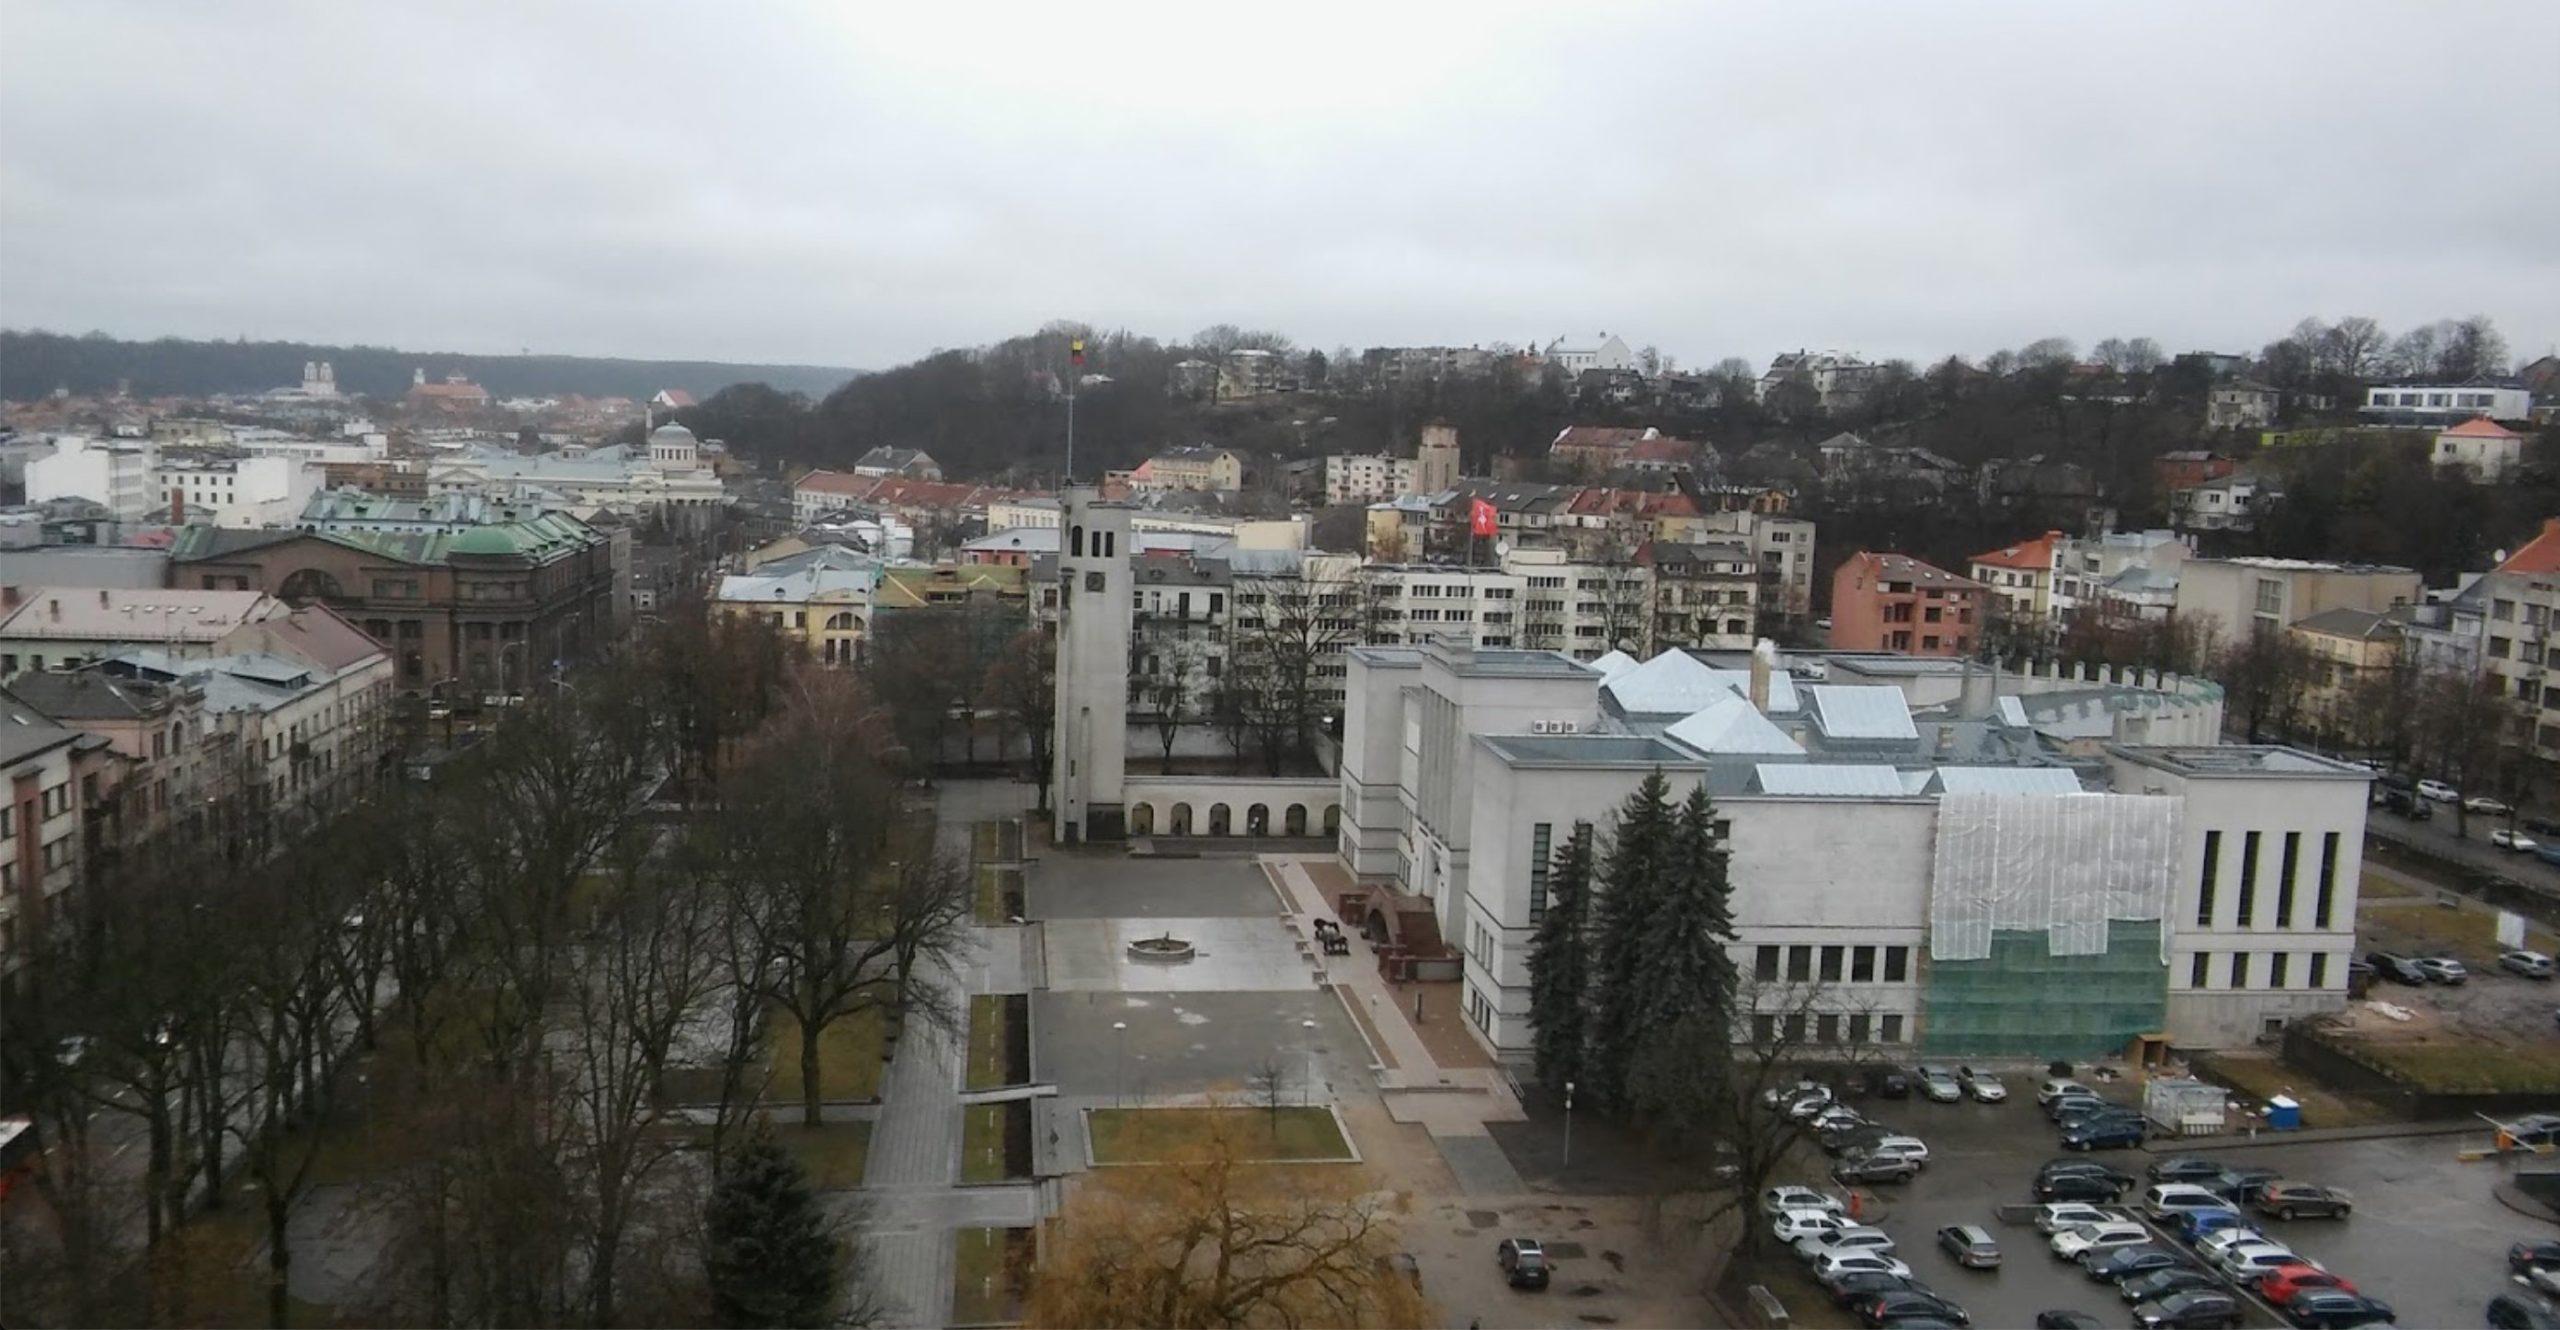 Площадь Единства в Каунасе